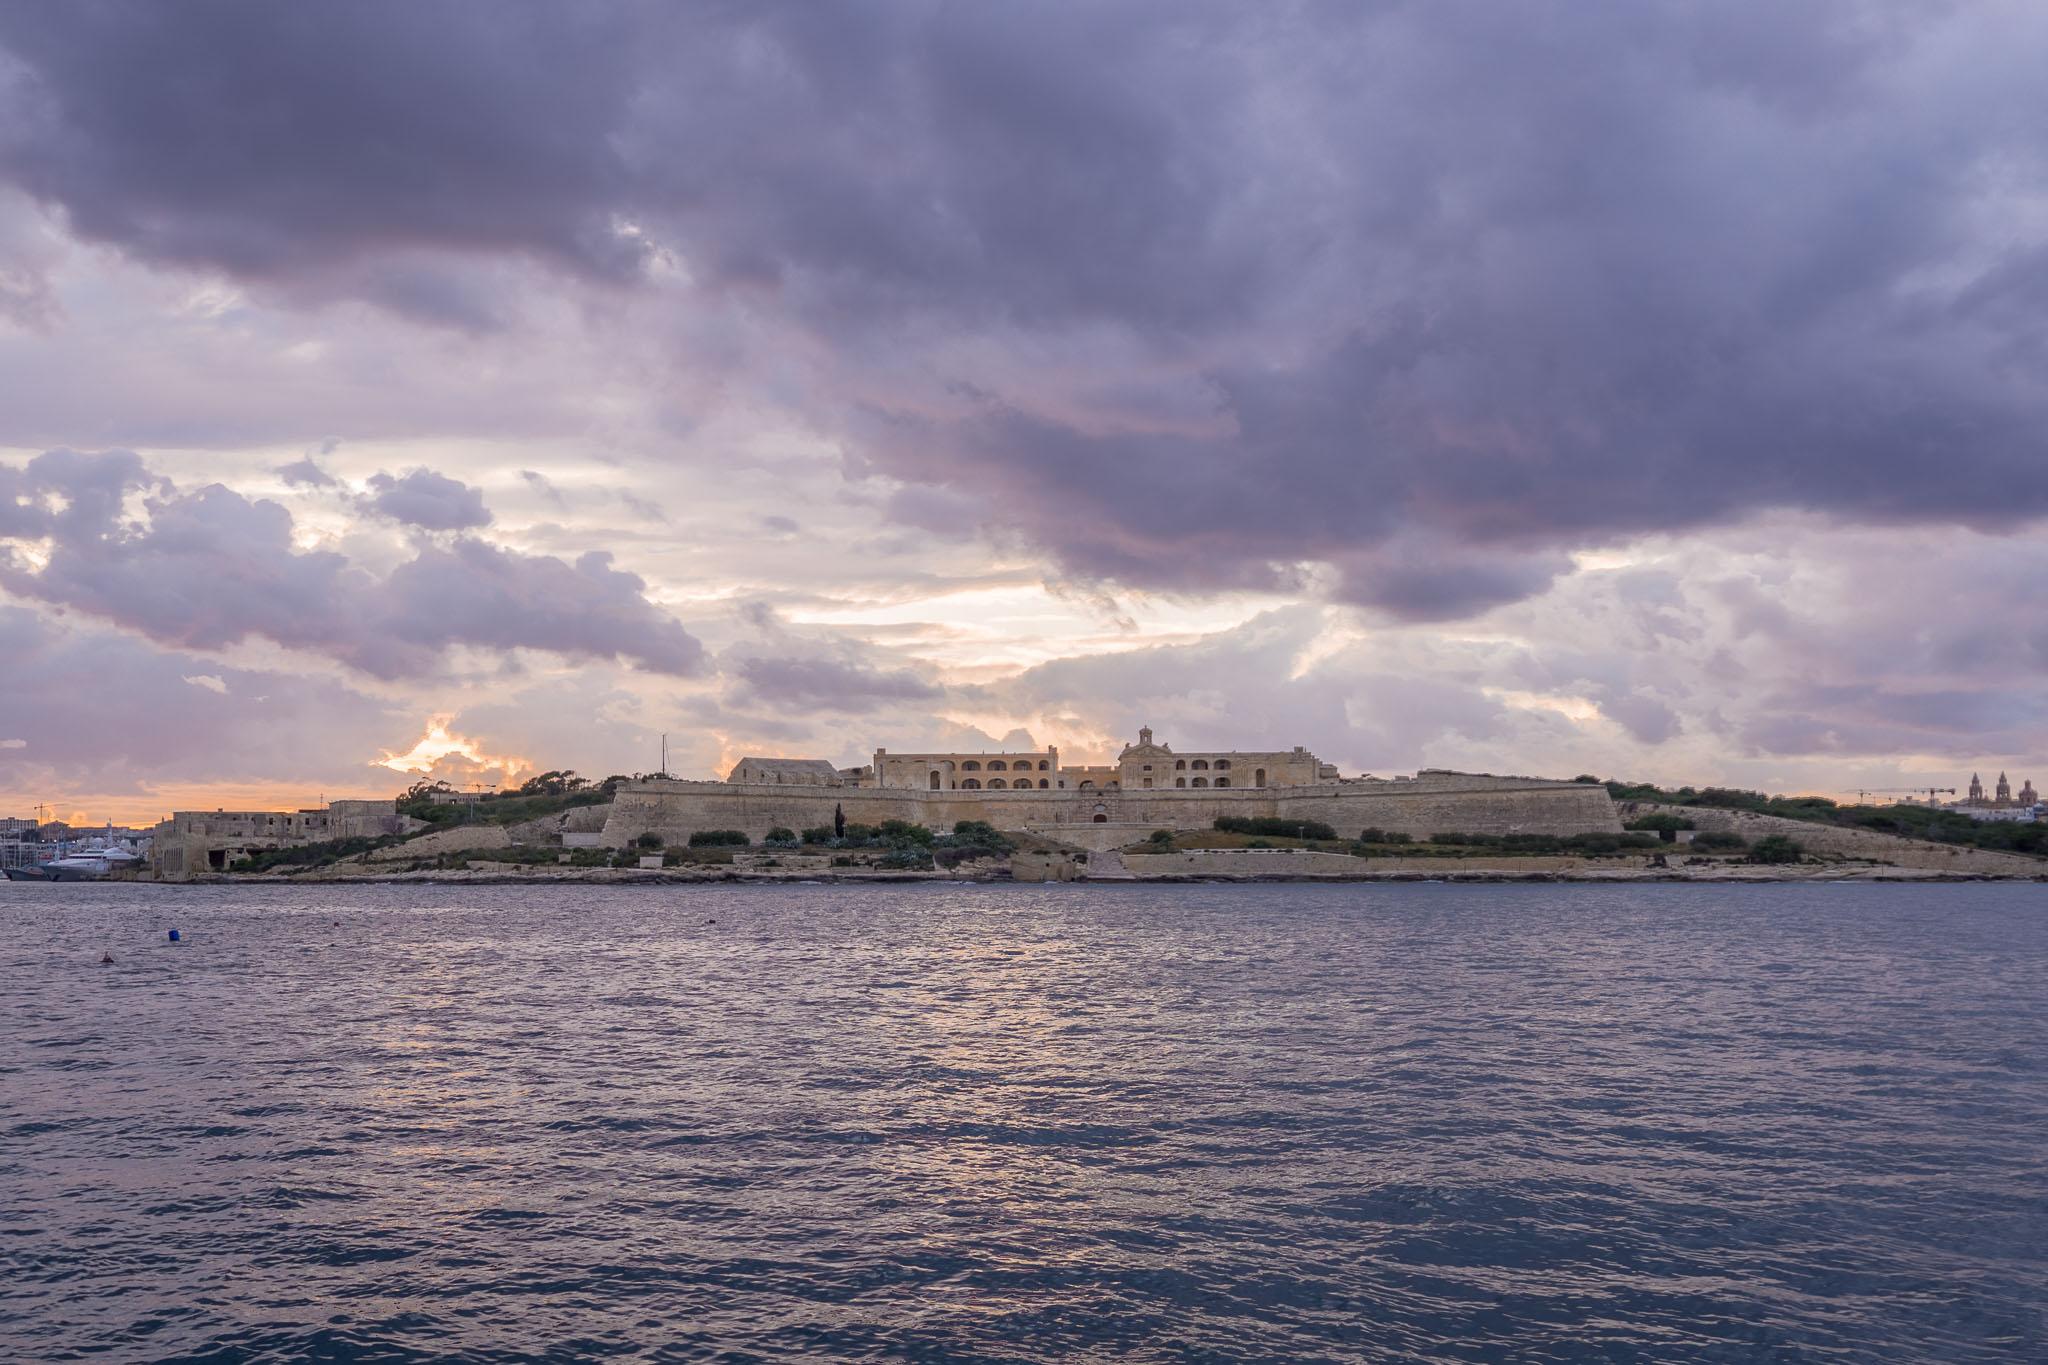 Sunset over Manoel Fort.